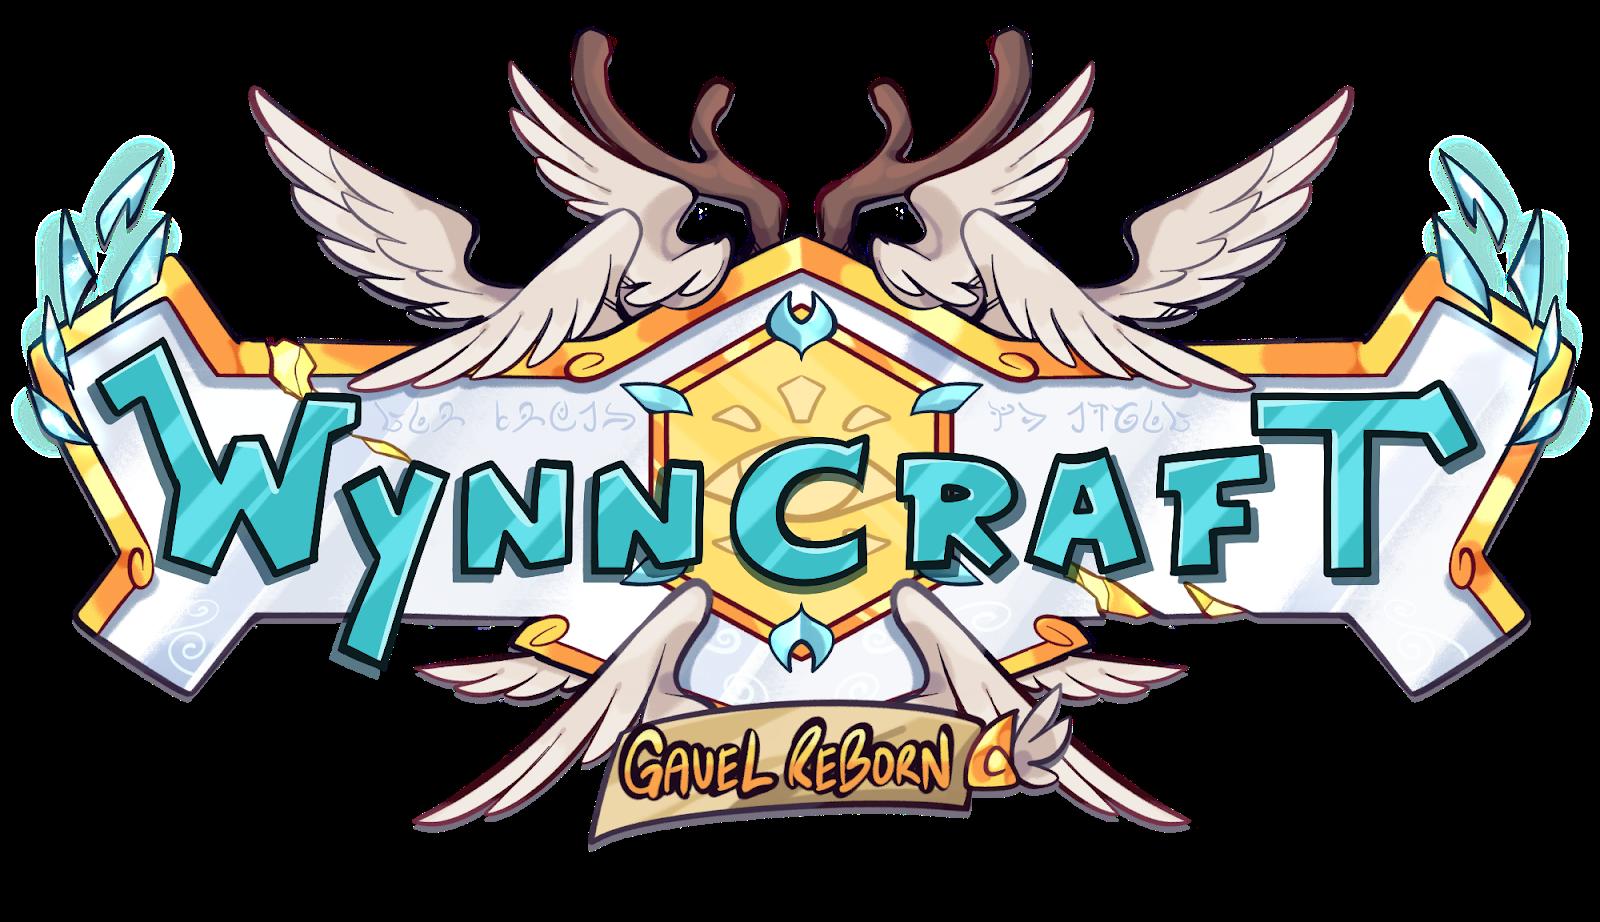 Wynncraft Gavel Reborn Logo